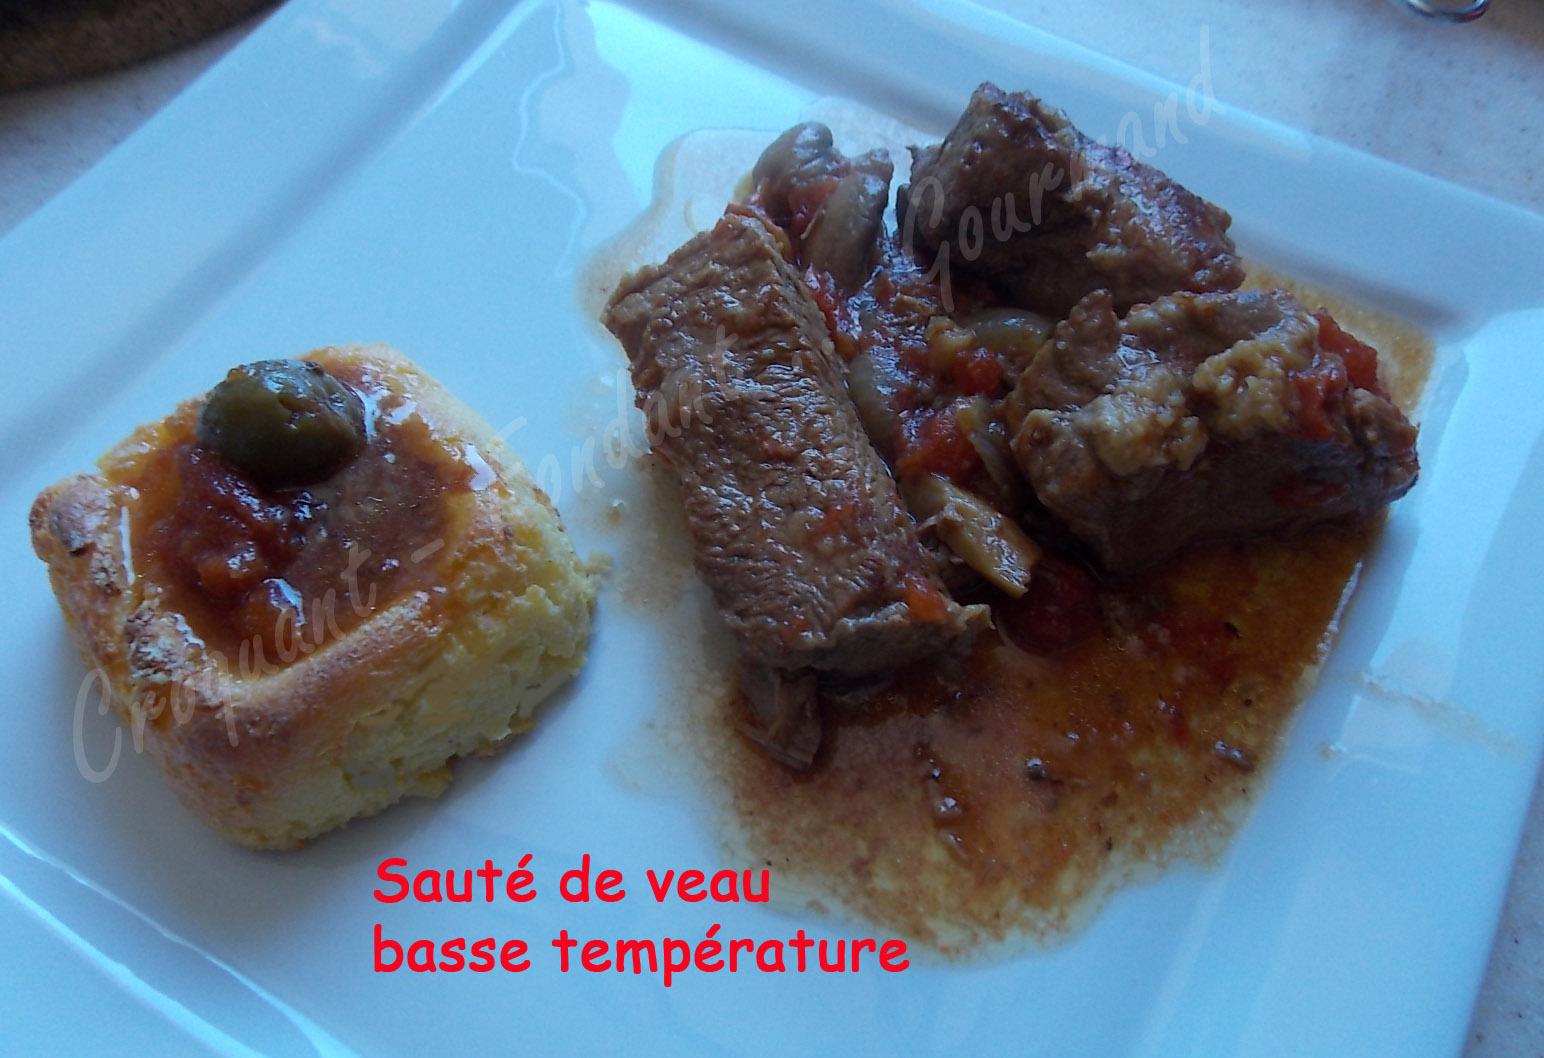 Saut de veau basse temp rature croquant fondant gourmand - Cuisine basse temperature recettes ...